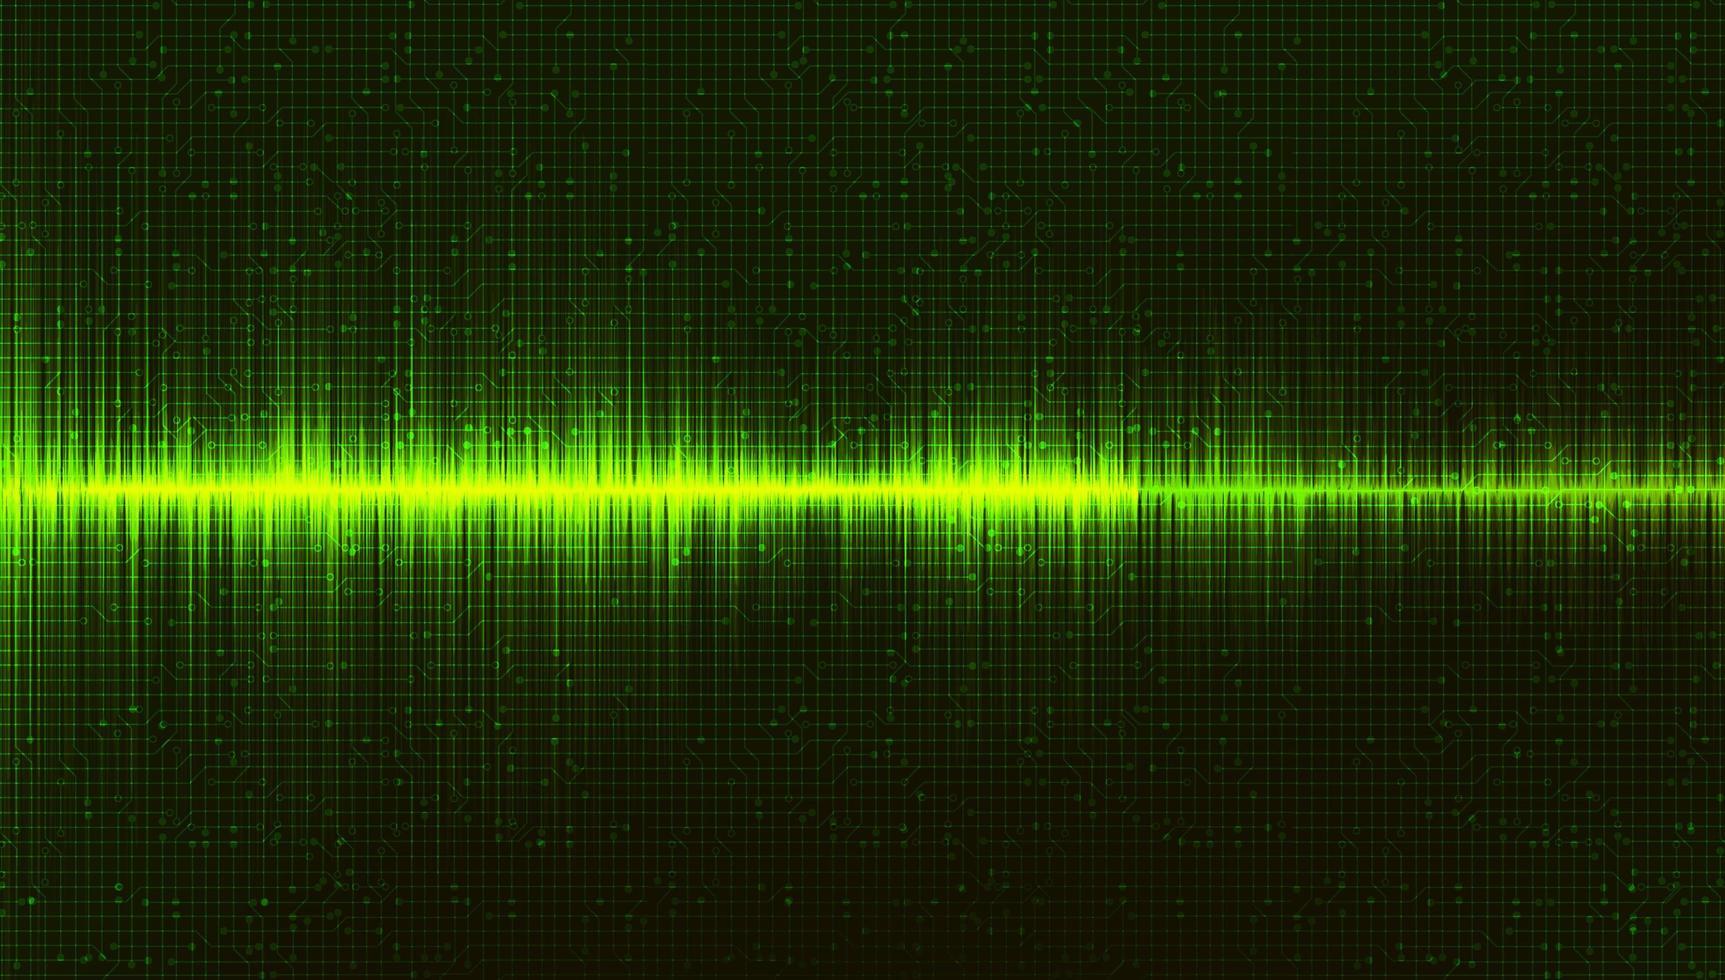 Fondo de onda de sonido digital verde, concepto de diagrama de música y alta tecnología vector